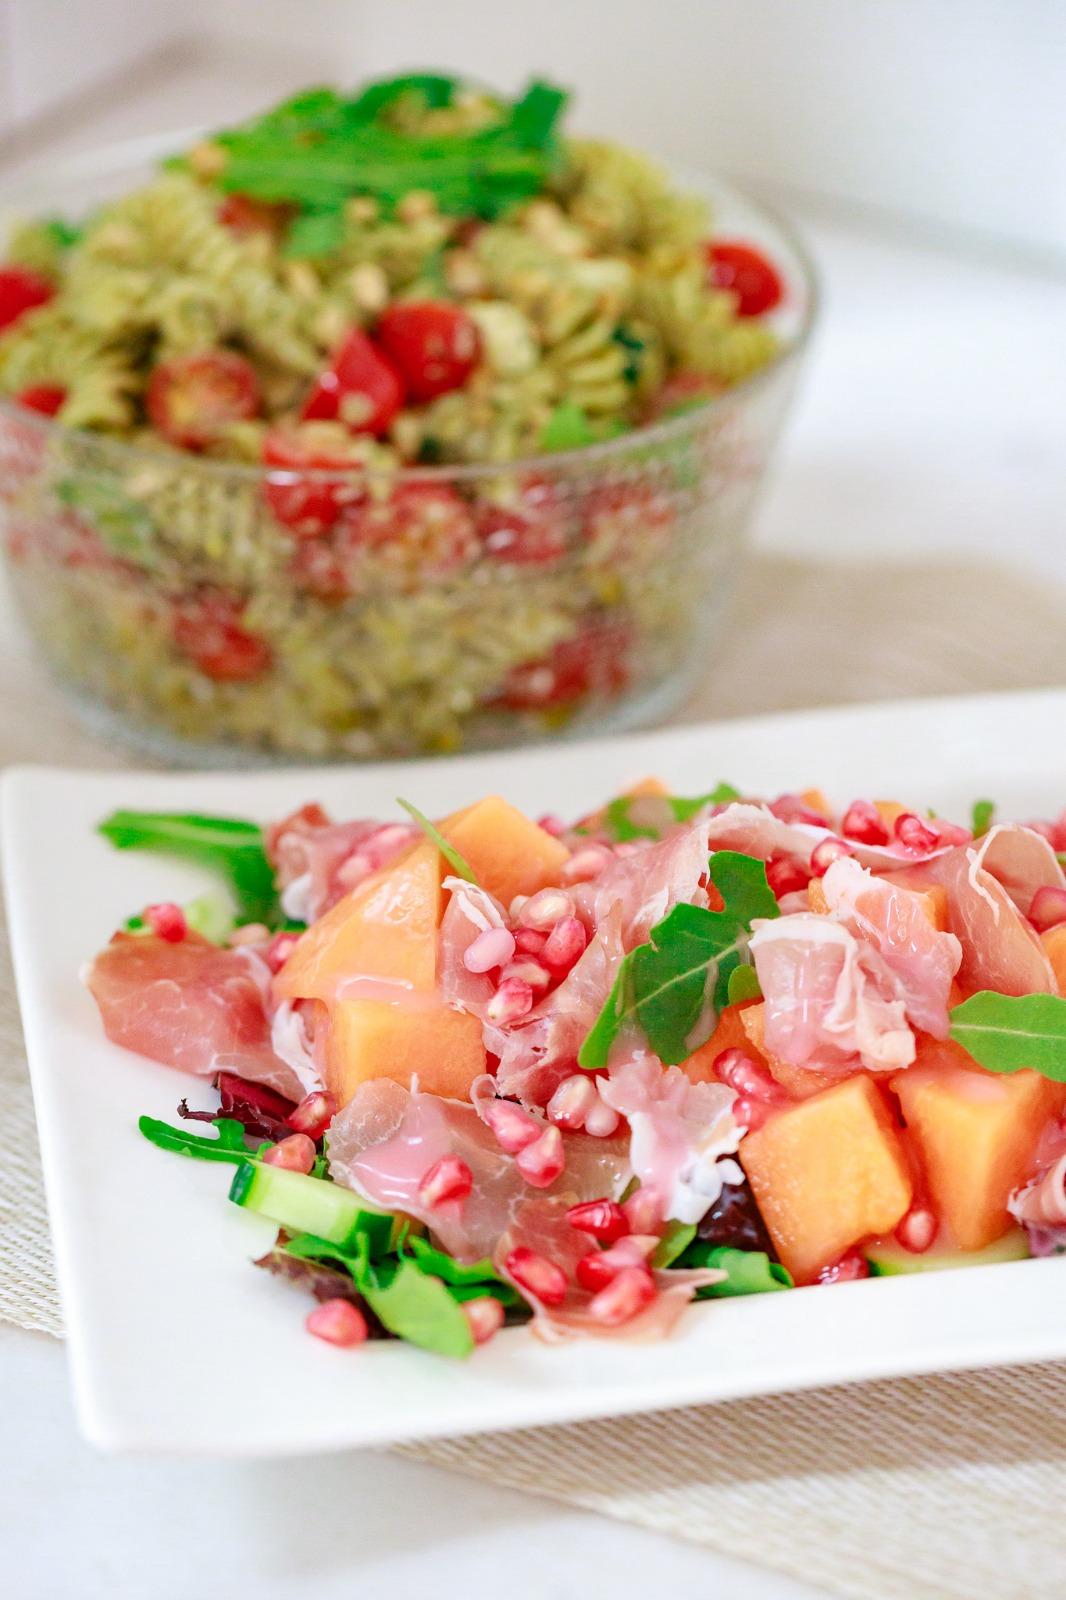 Ruokaisat salaatit on loistava lisuke juhliin esimerkiksi piirakoiden seuraksi.